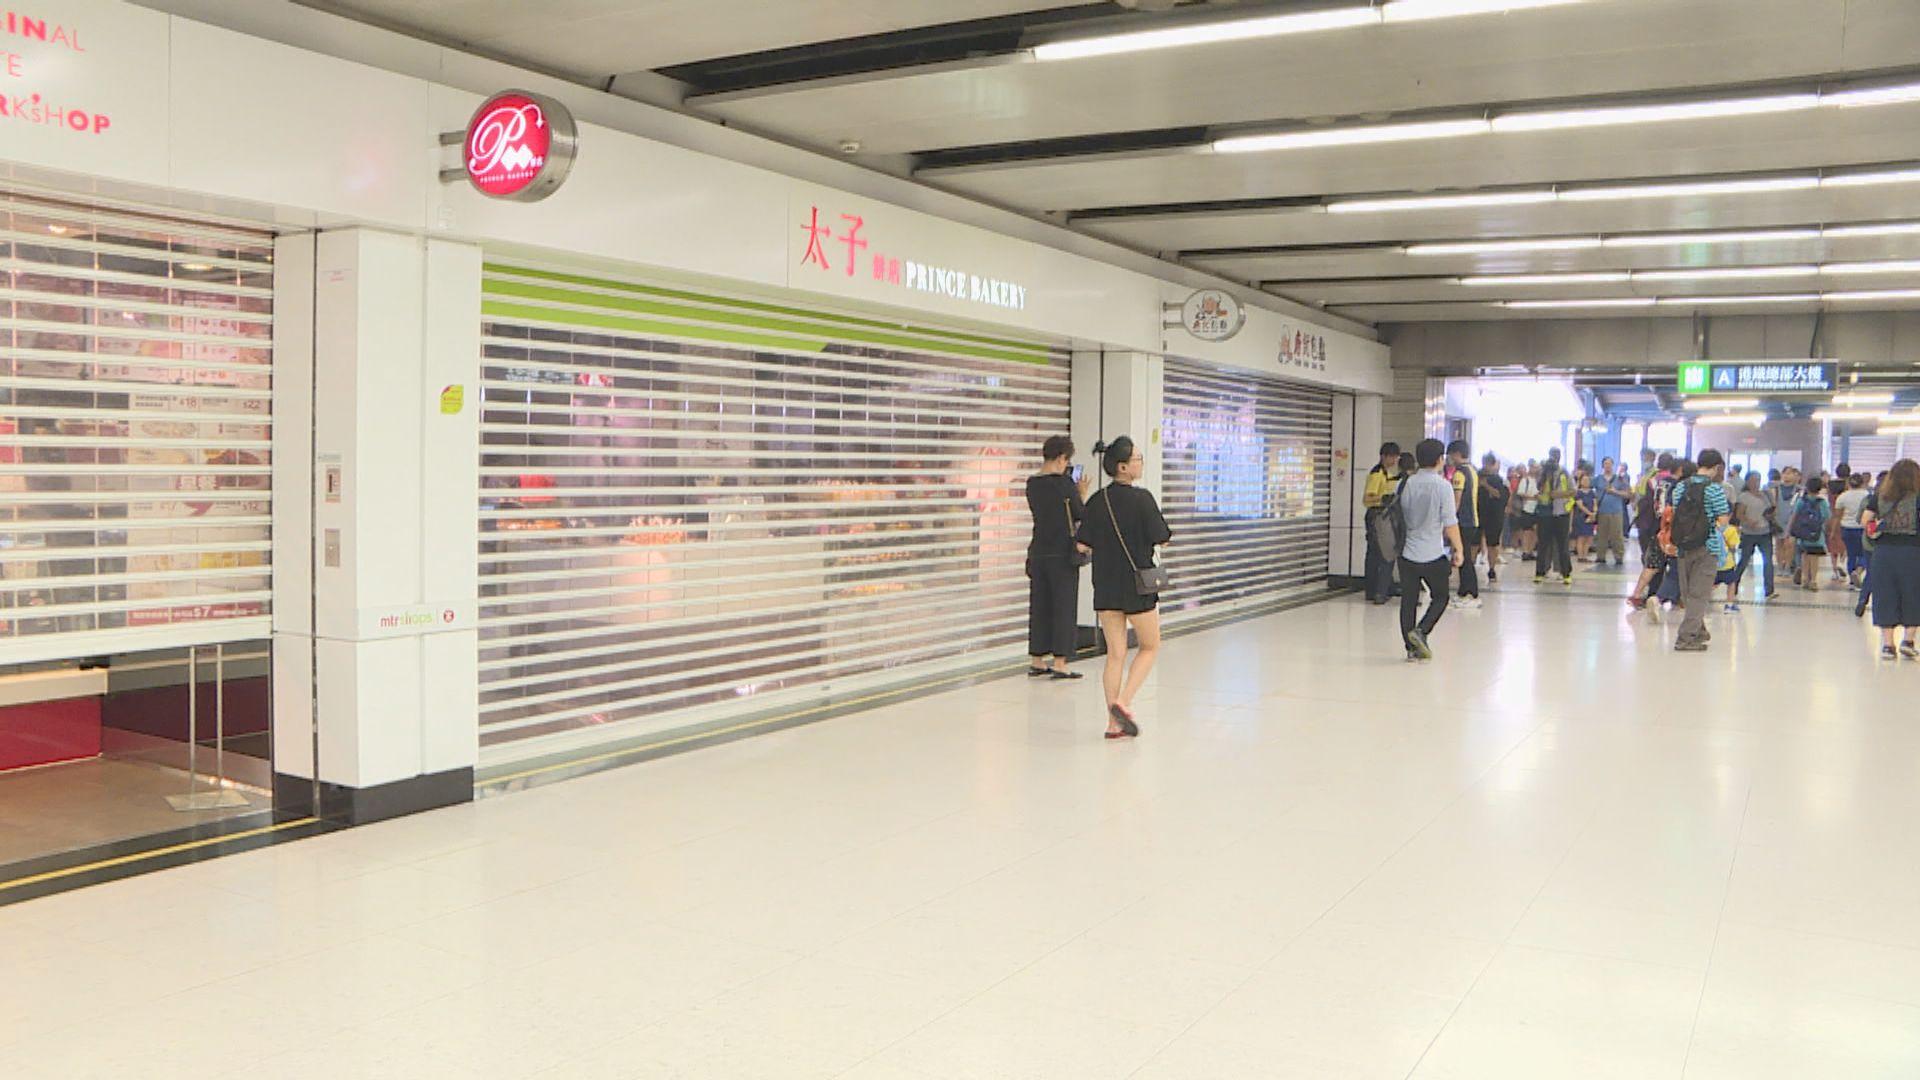 【示威關站】港鐵將按比例向租戶退還租金